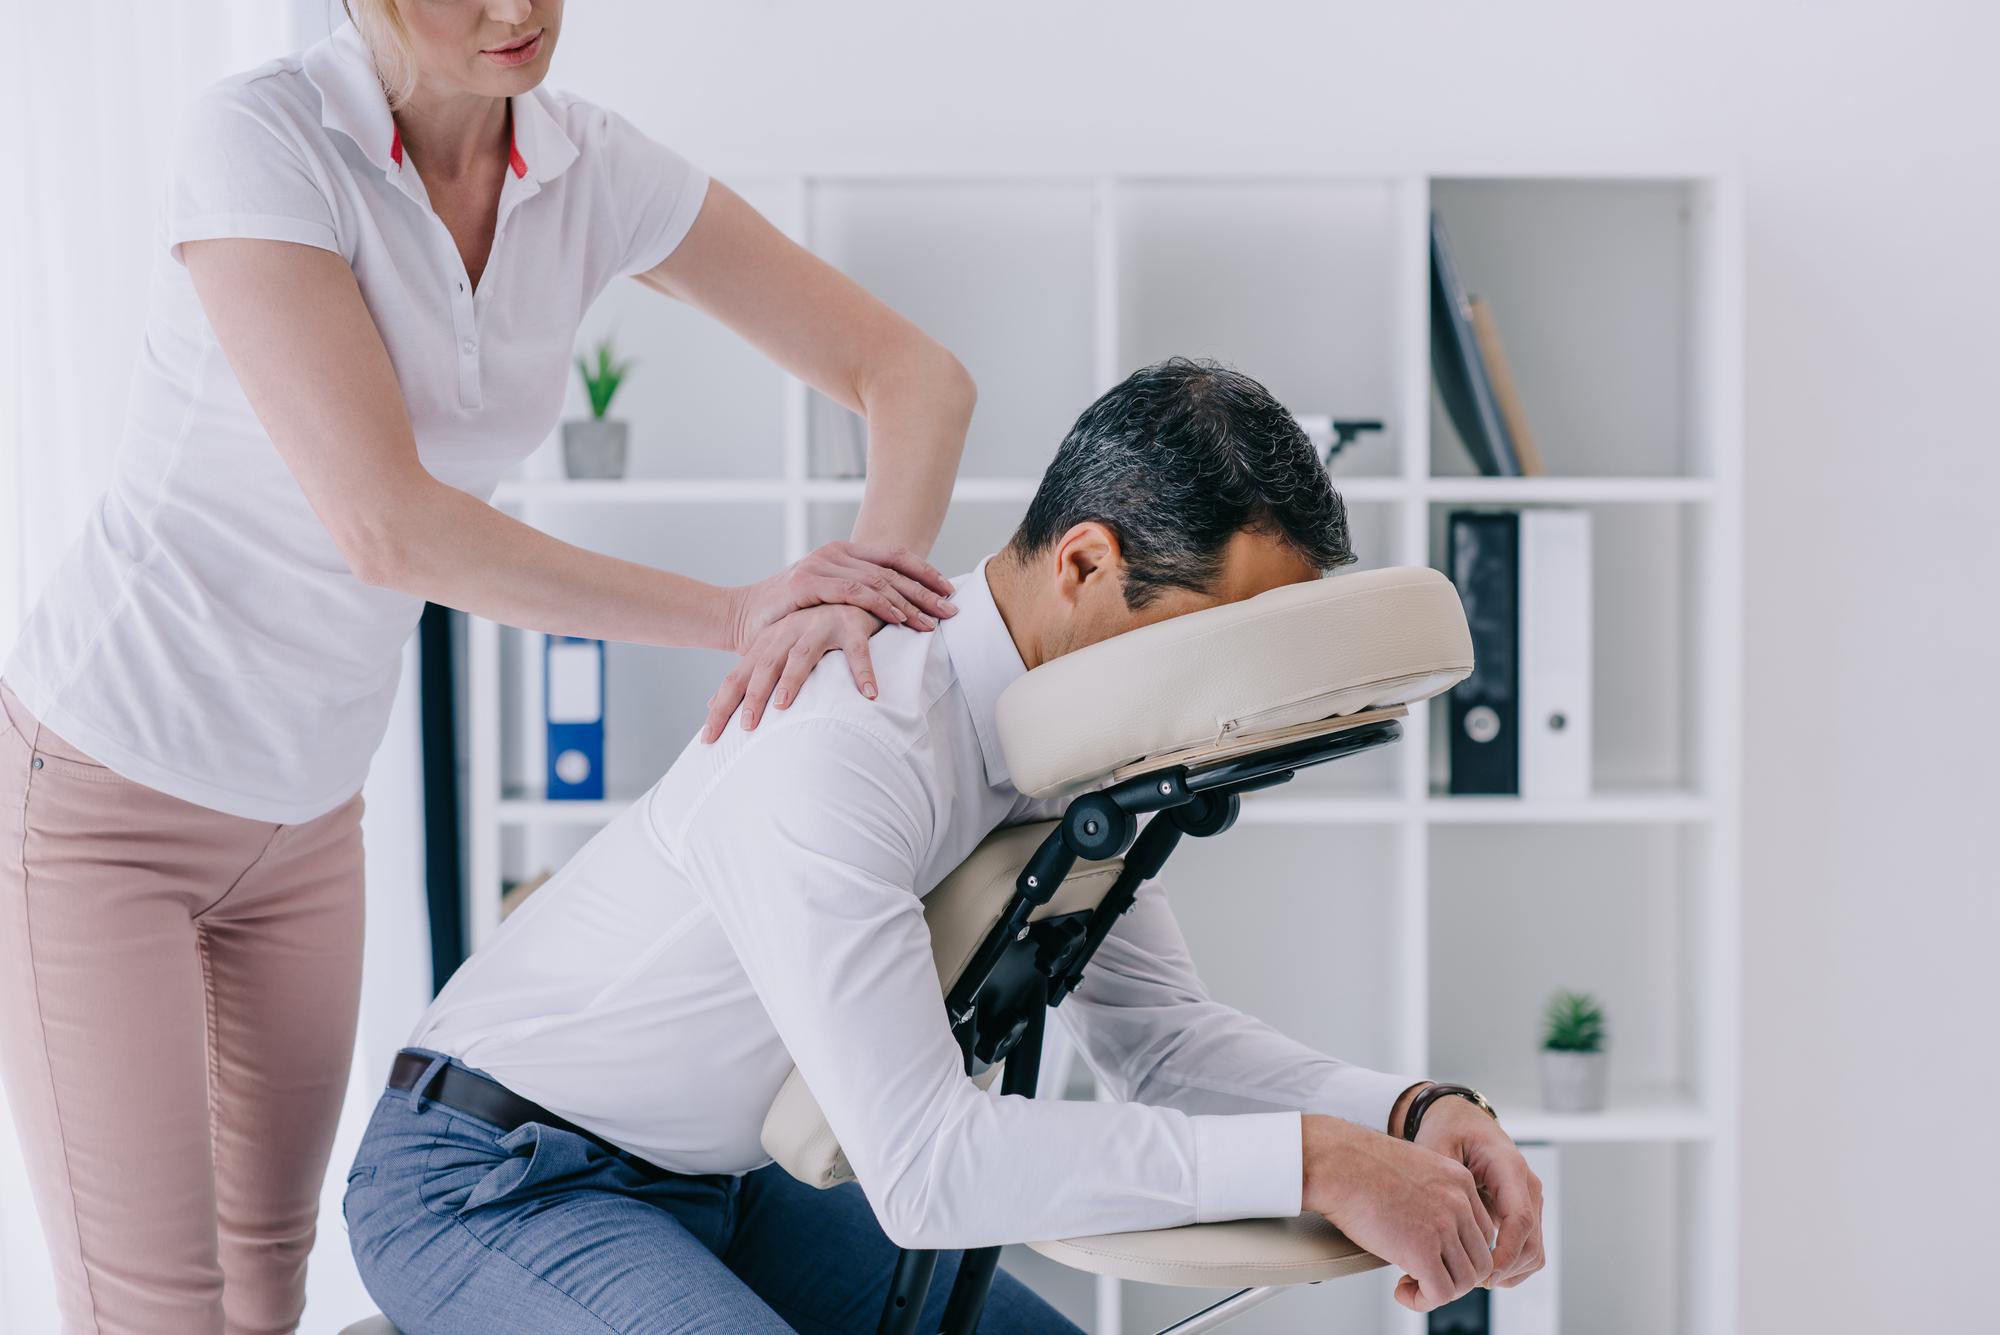 Rygmassage